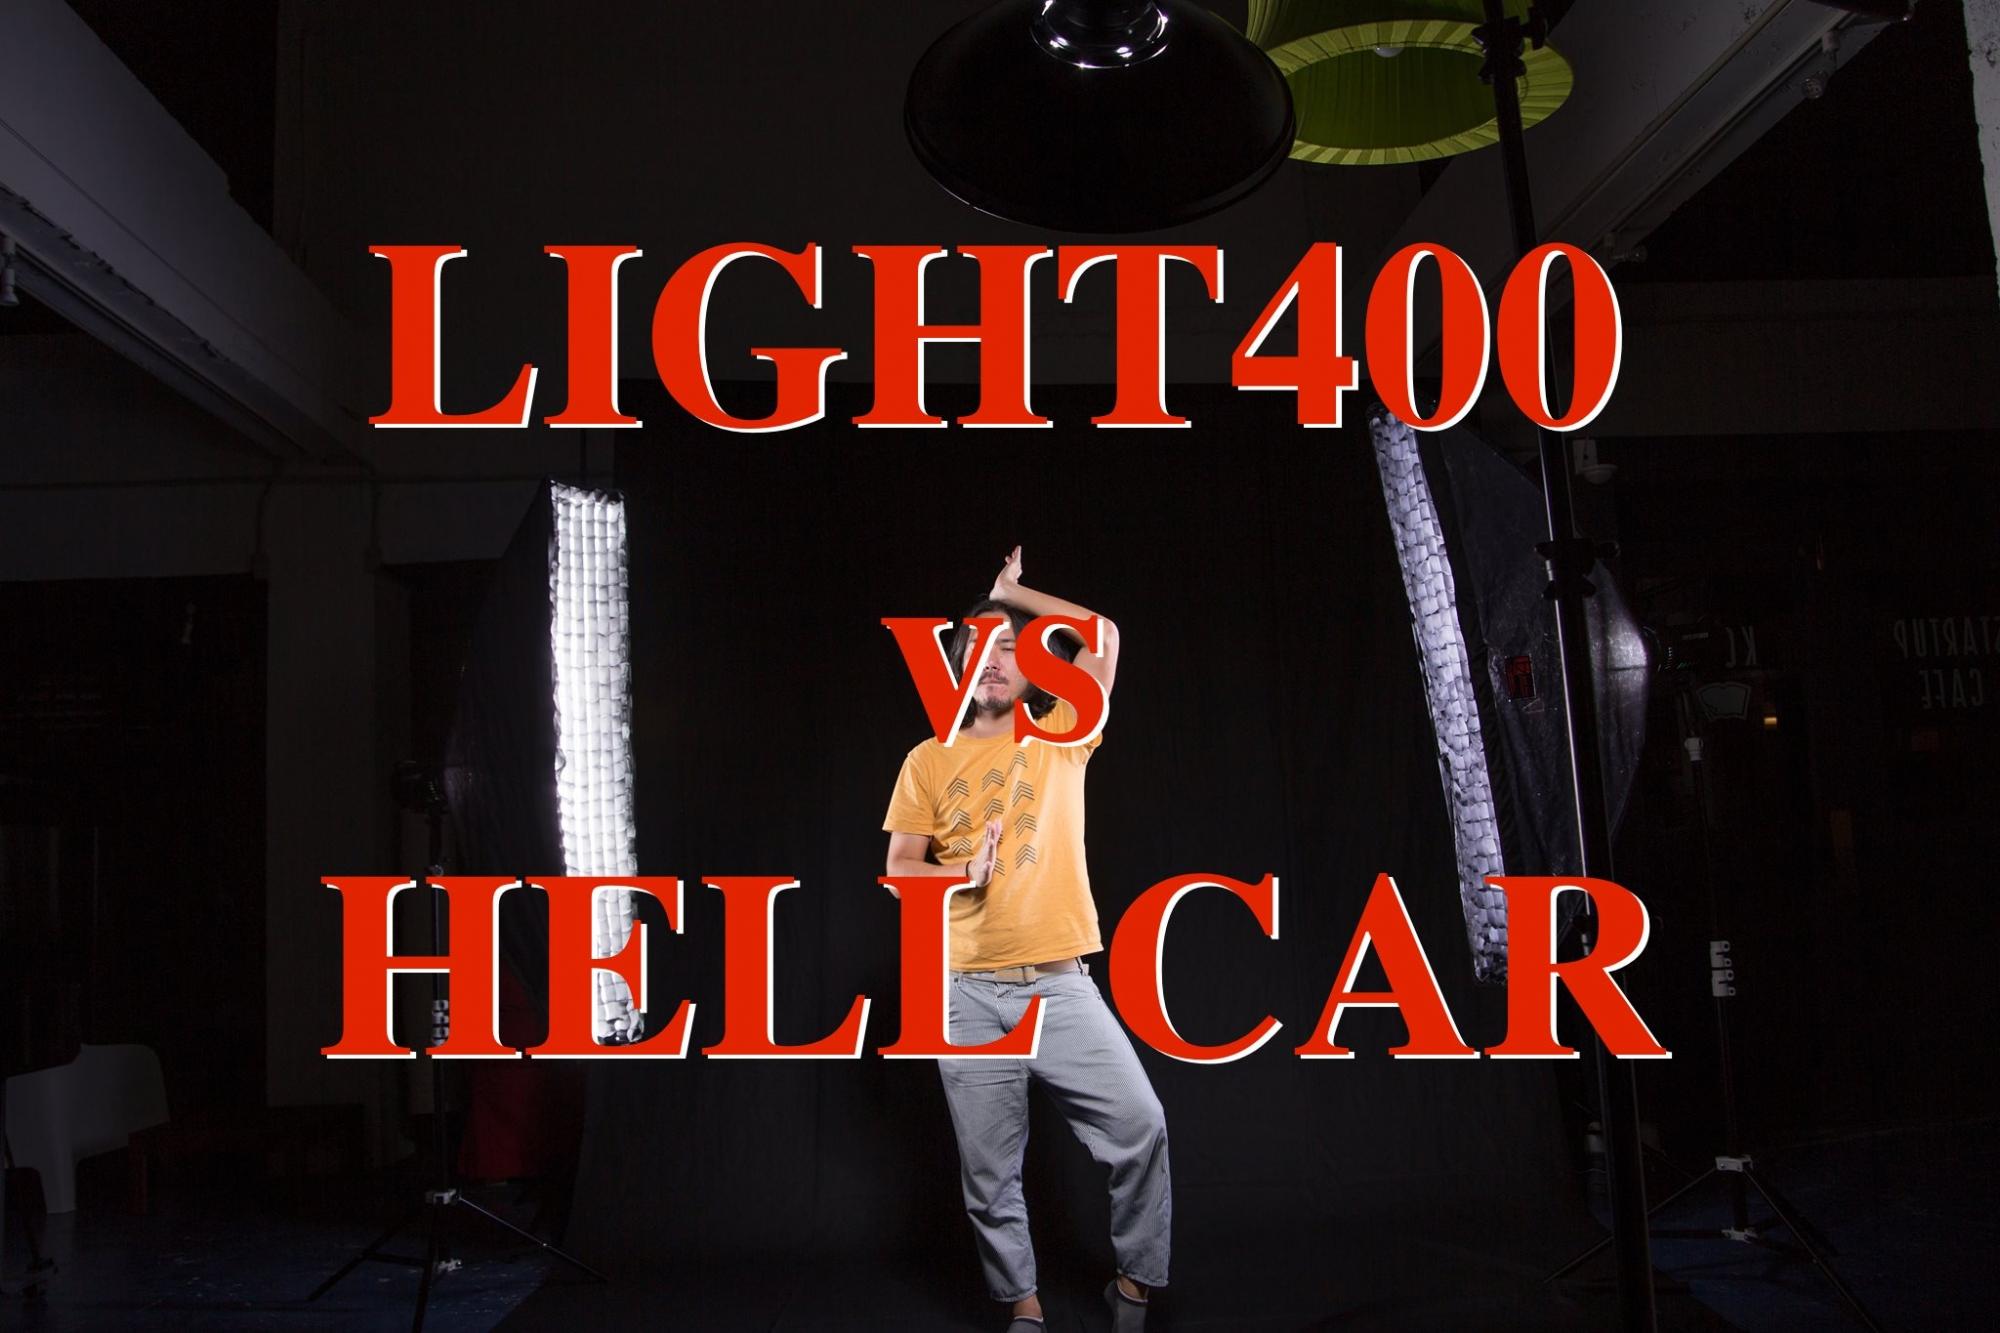 LIGHT400は使えるのか?破格のバッテリーモノブロックストロボを試す。